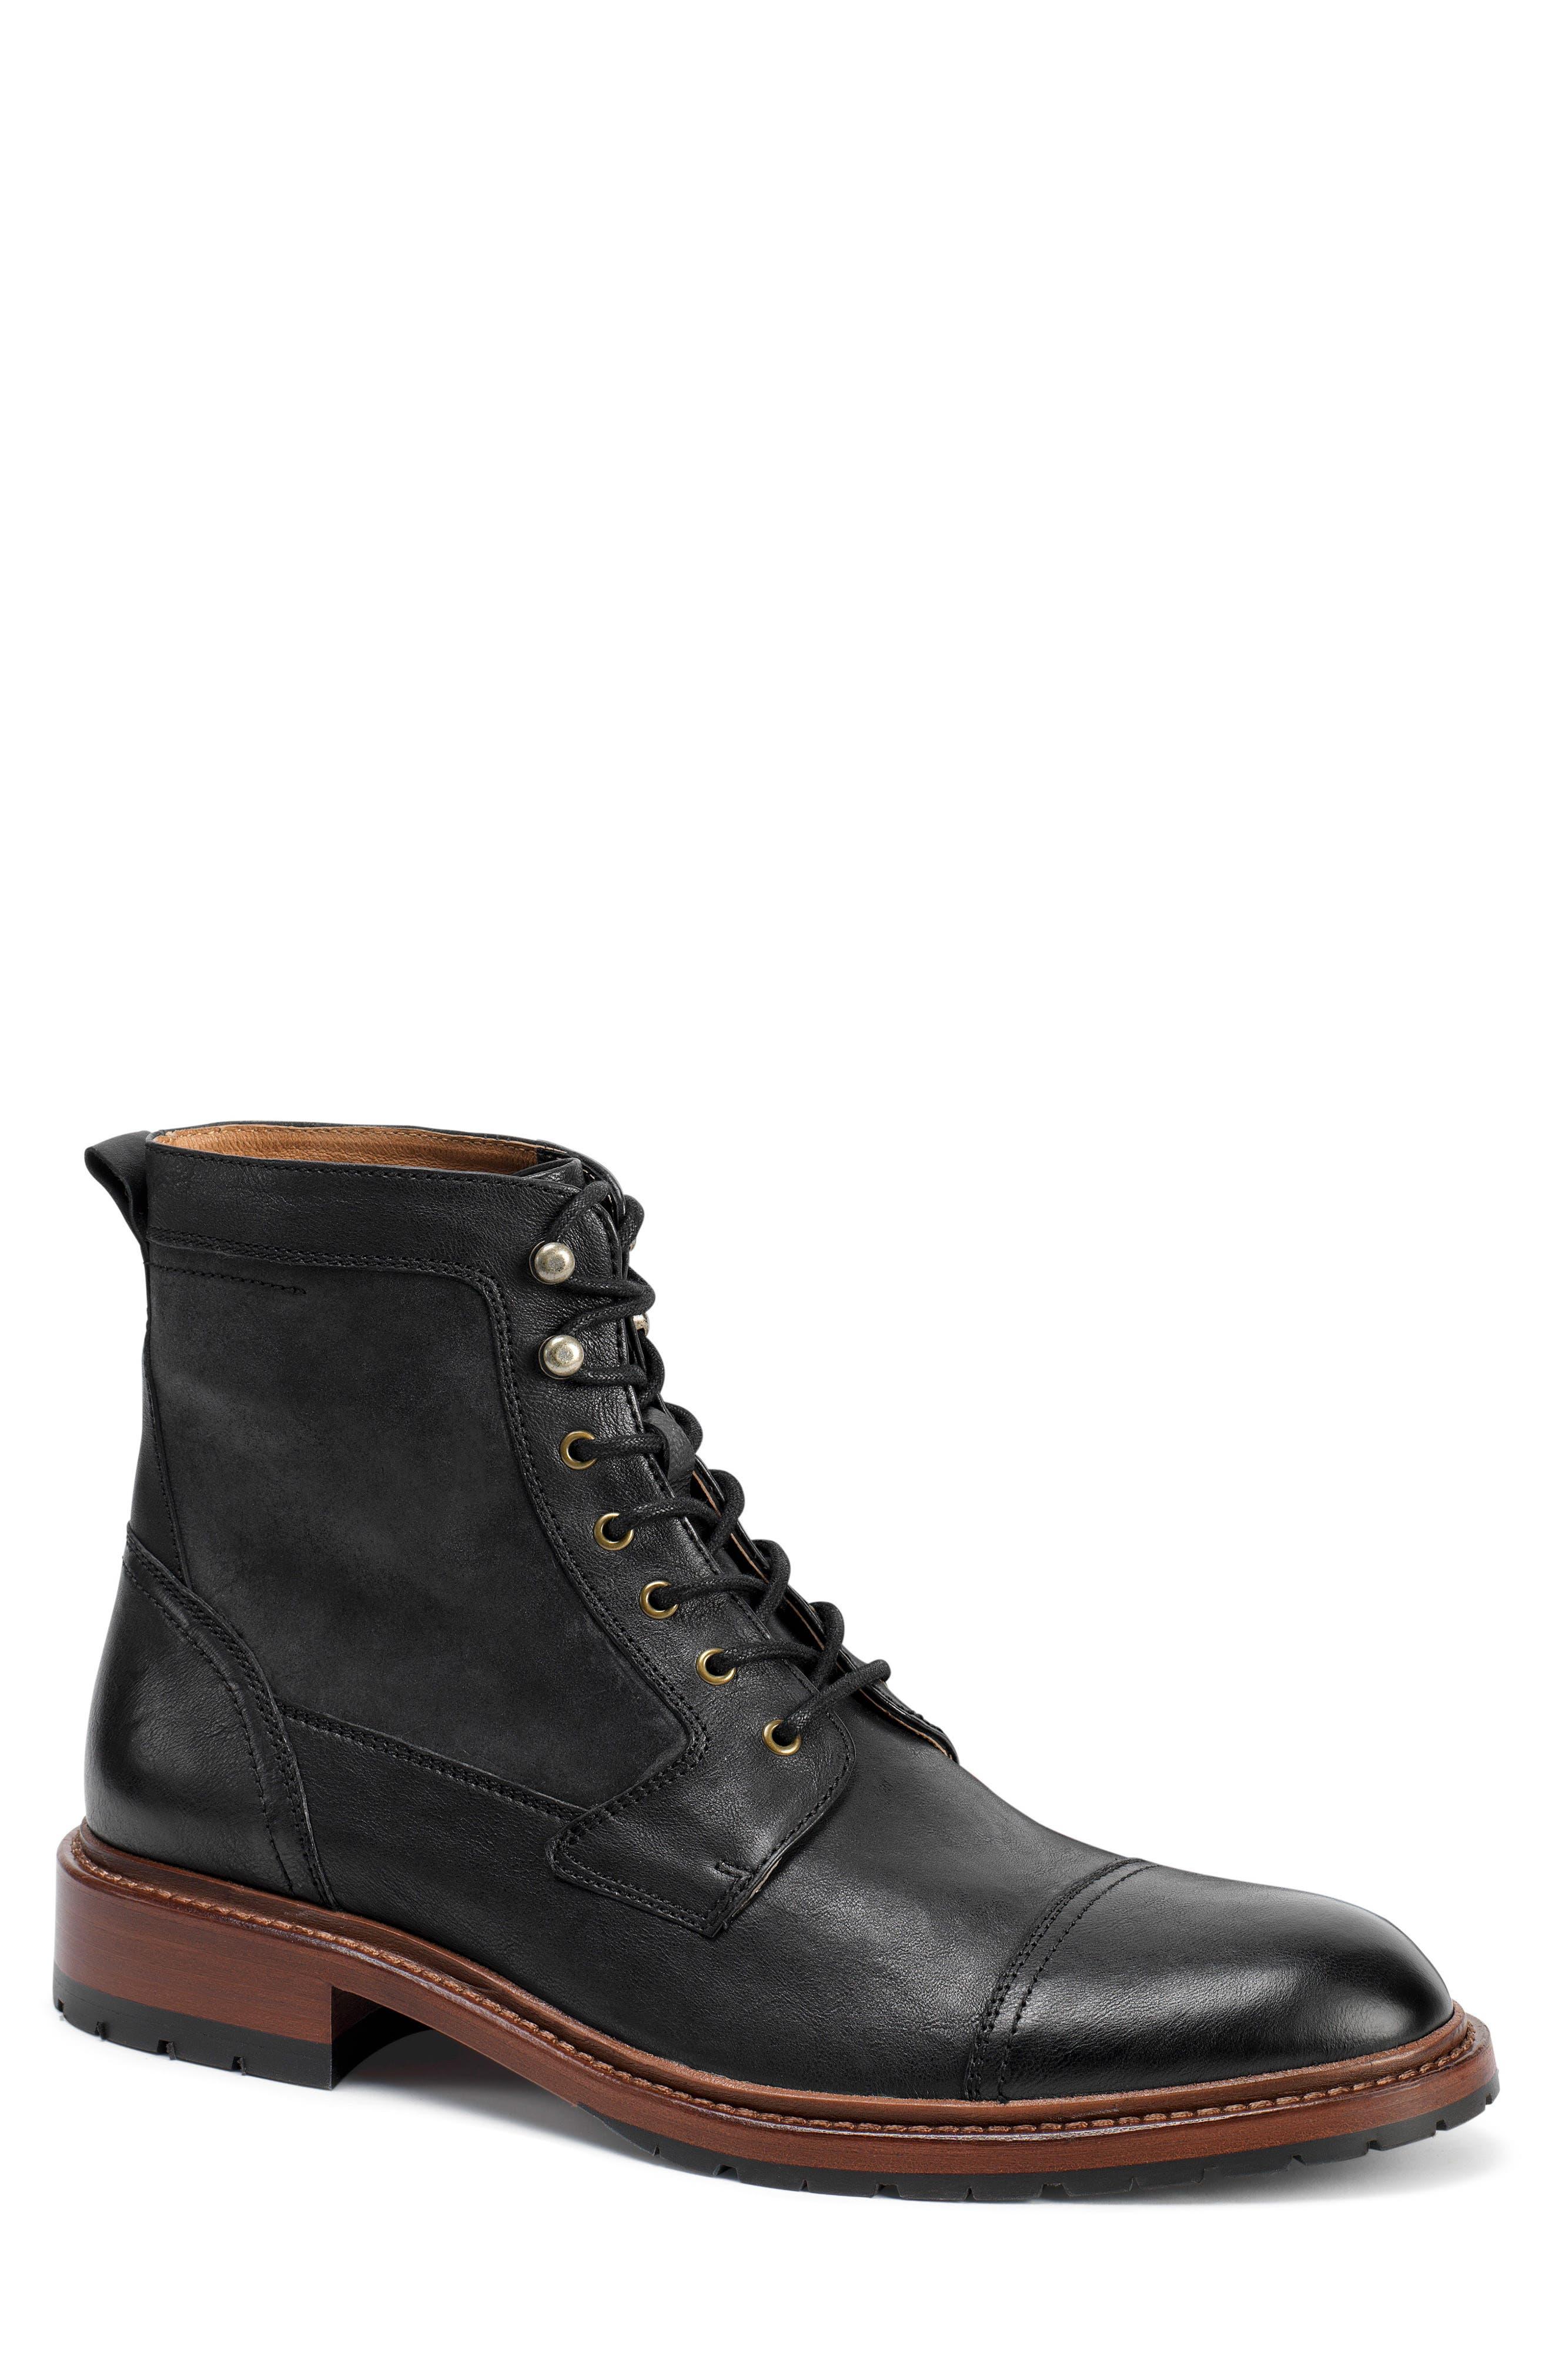 Main Image - Trask 'Lowell' Cap Toe Boot (Men)